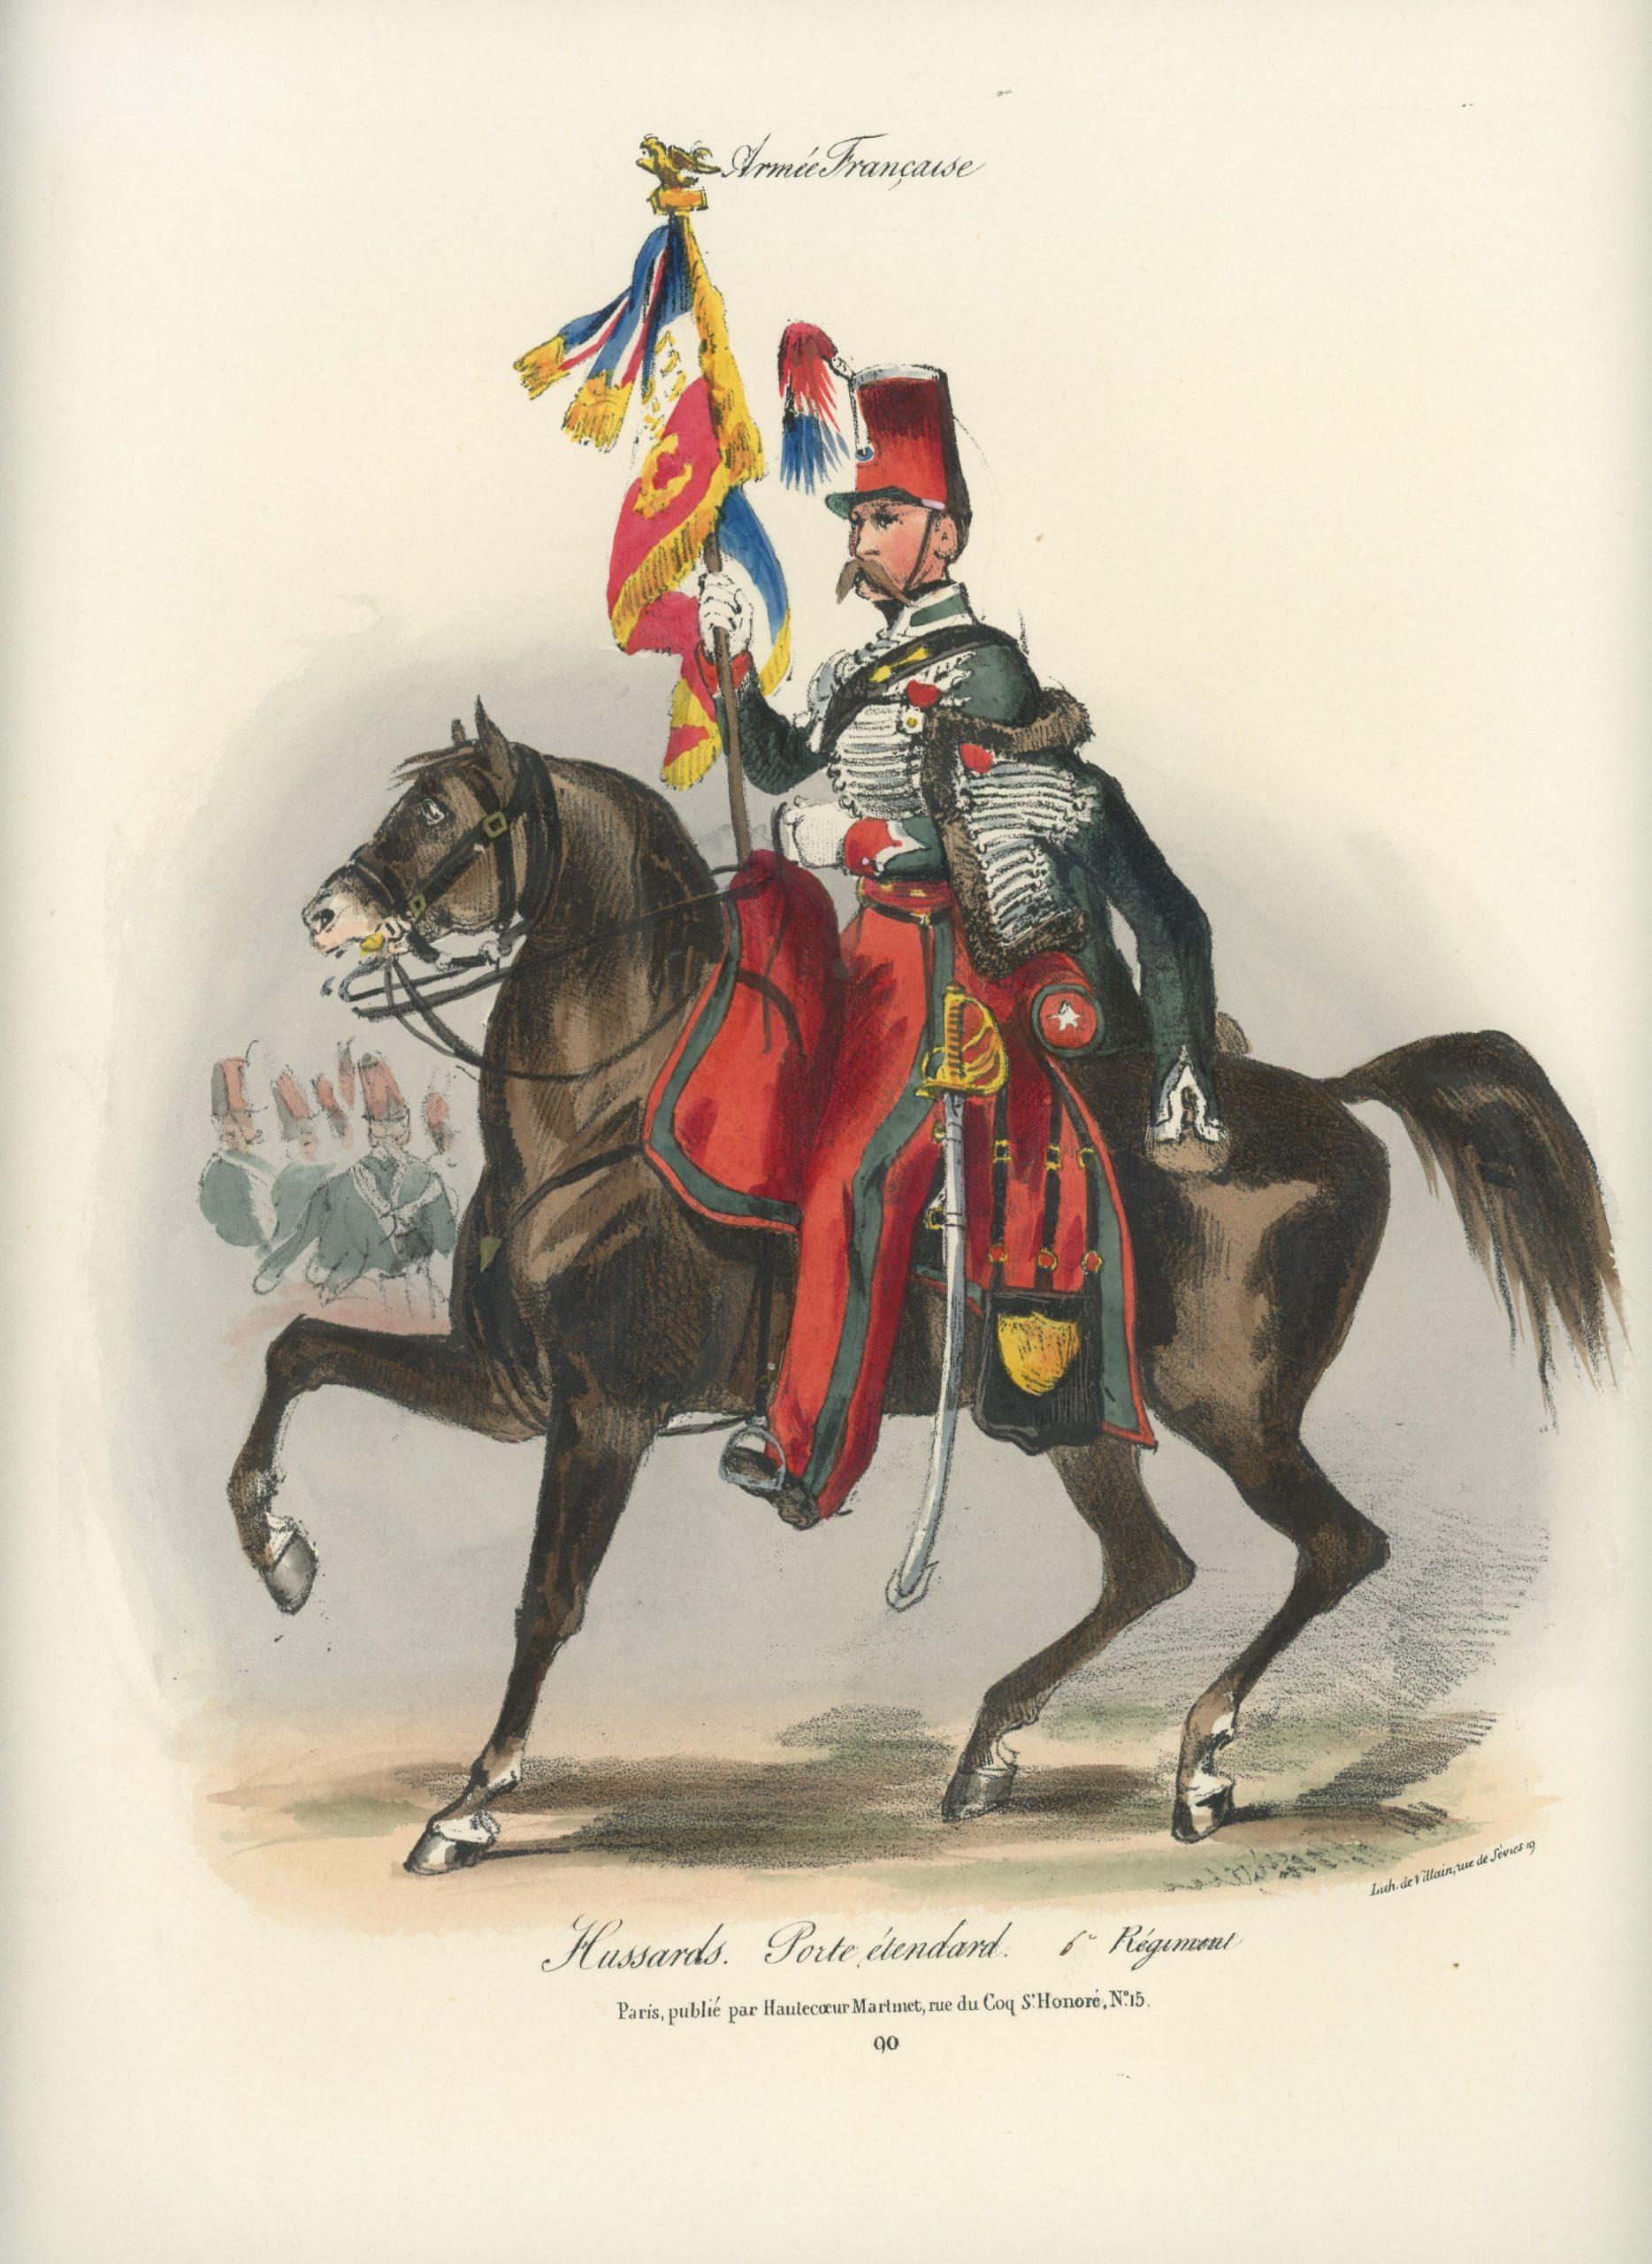 Gravure XIX - Martinet - L'armée française - Uniforme -Soldat - Monarchie de Juillet - 1830 et 1848 - Hussards 6 régiment Porte Etendard